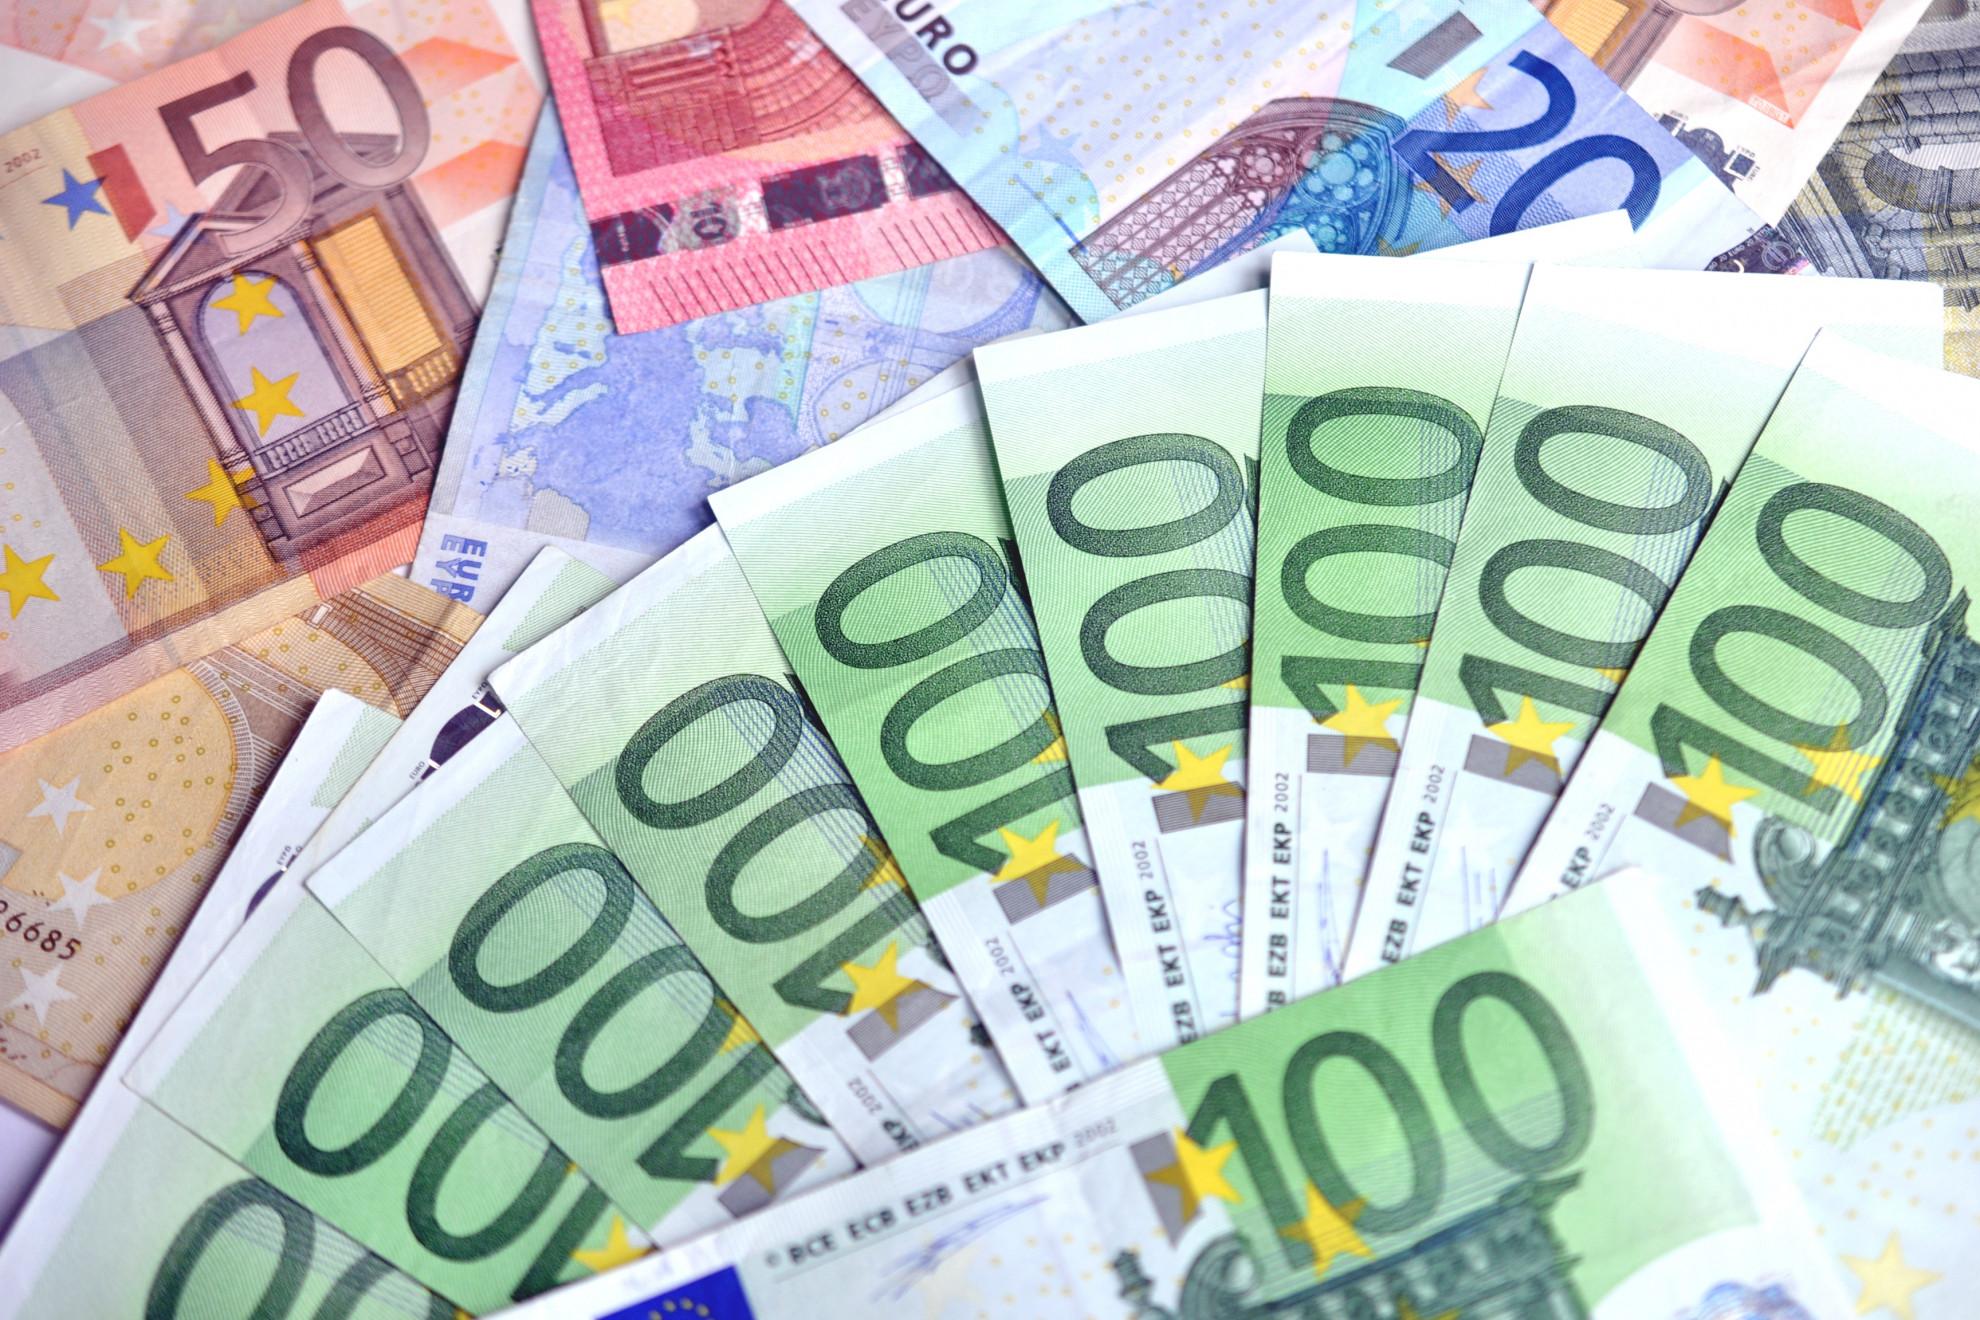 Geldscheine in den Werten 20, 50 und 100 Euro liegen aufgefächert da